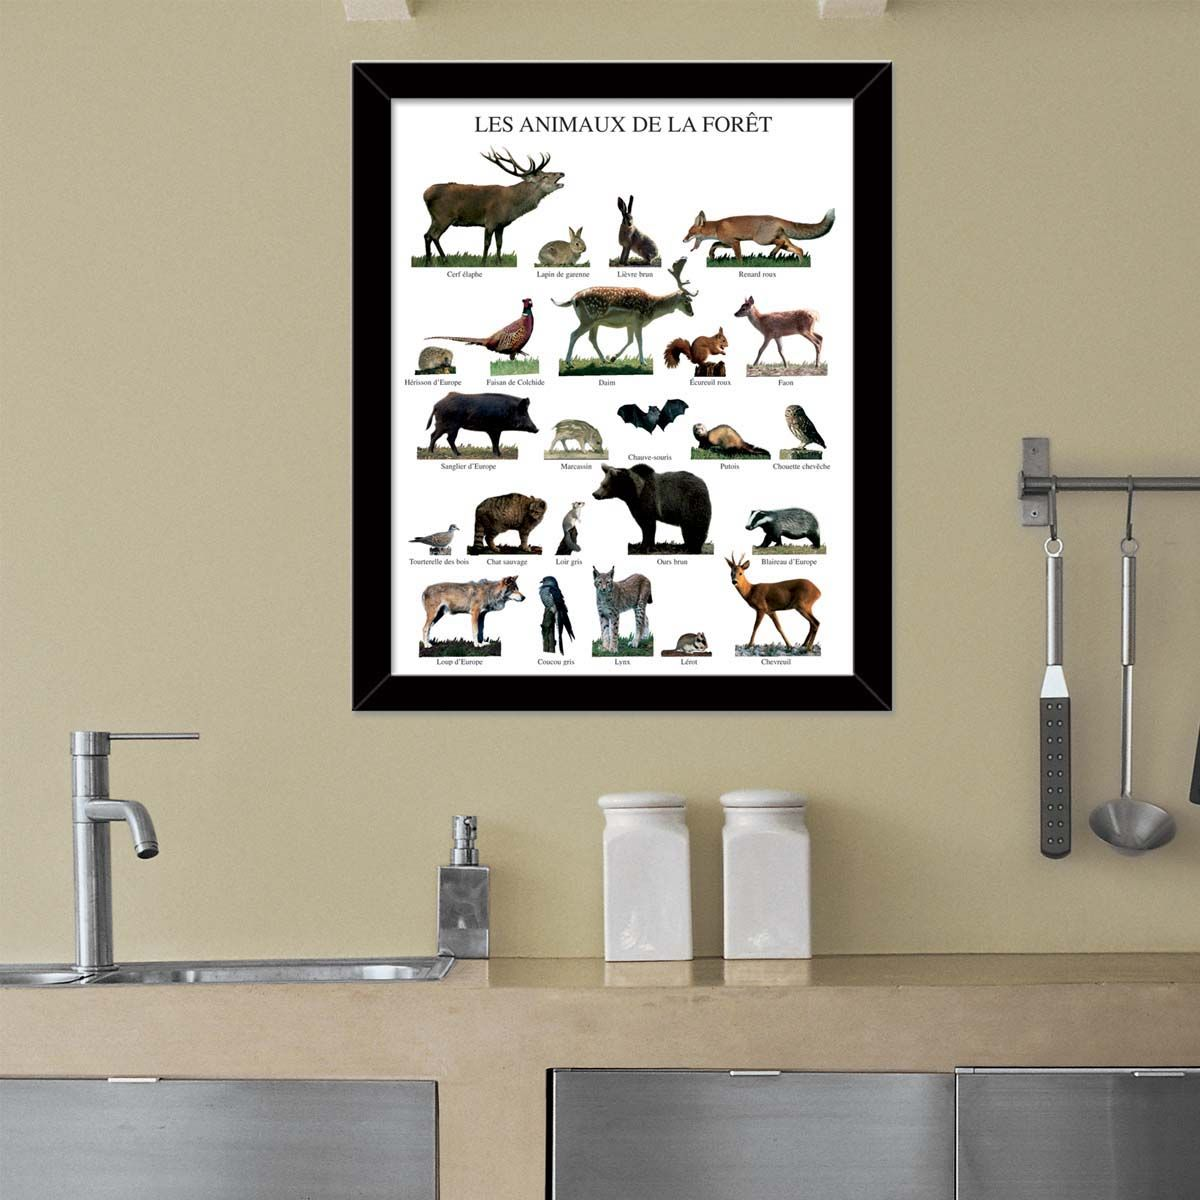 Affiche-Les-animaux-de-la-foret-40x50-cm miniature 2